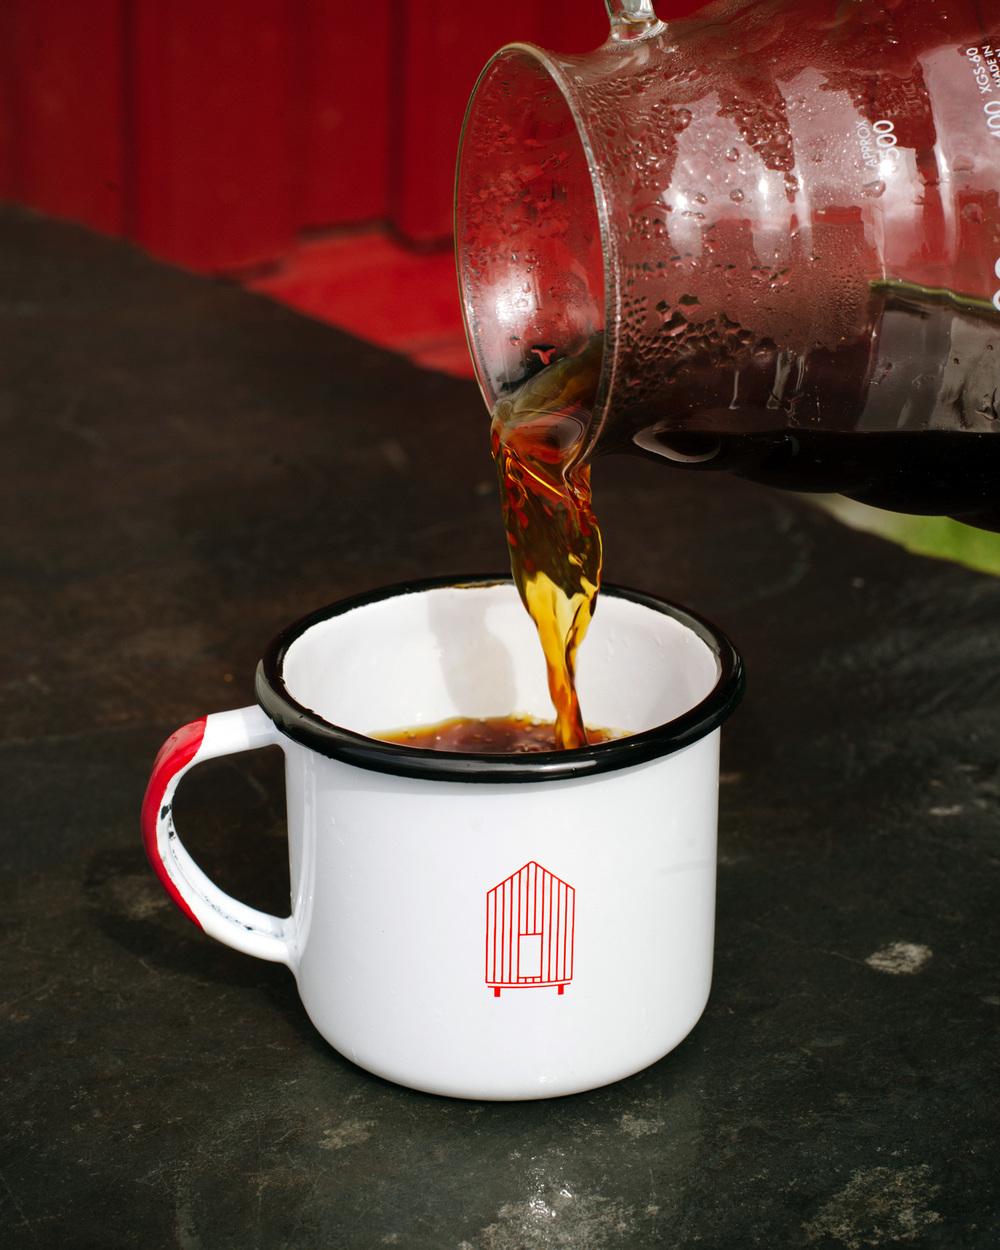 langora-mug-3-4.jpg